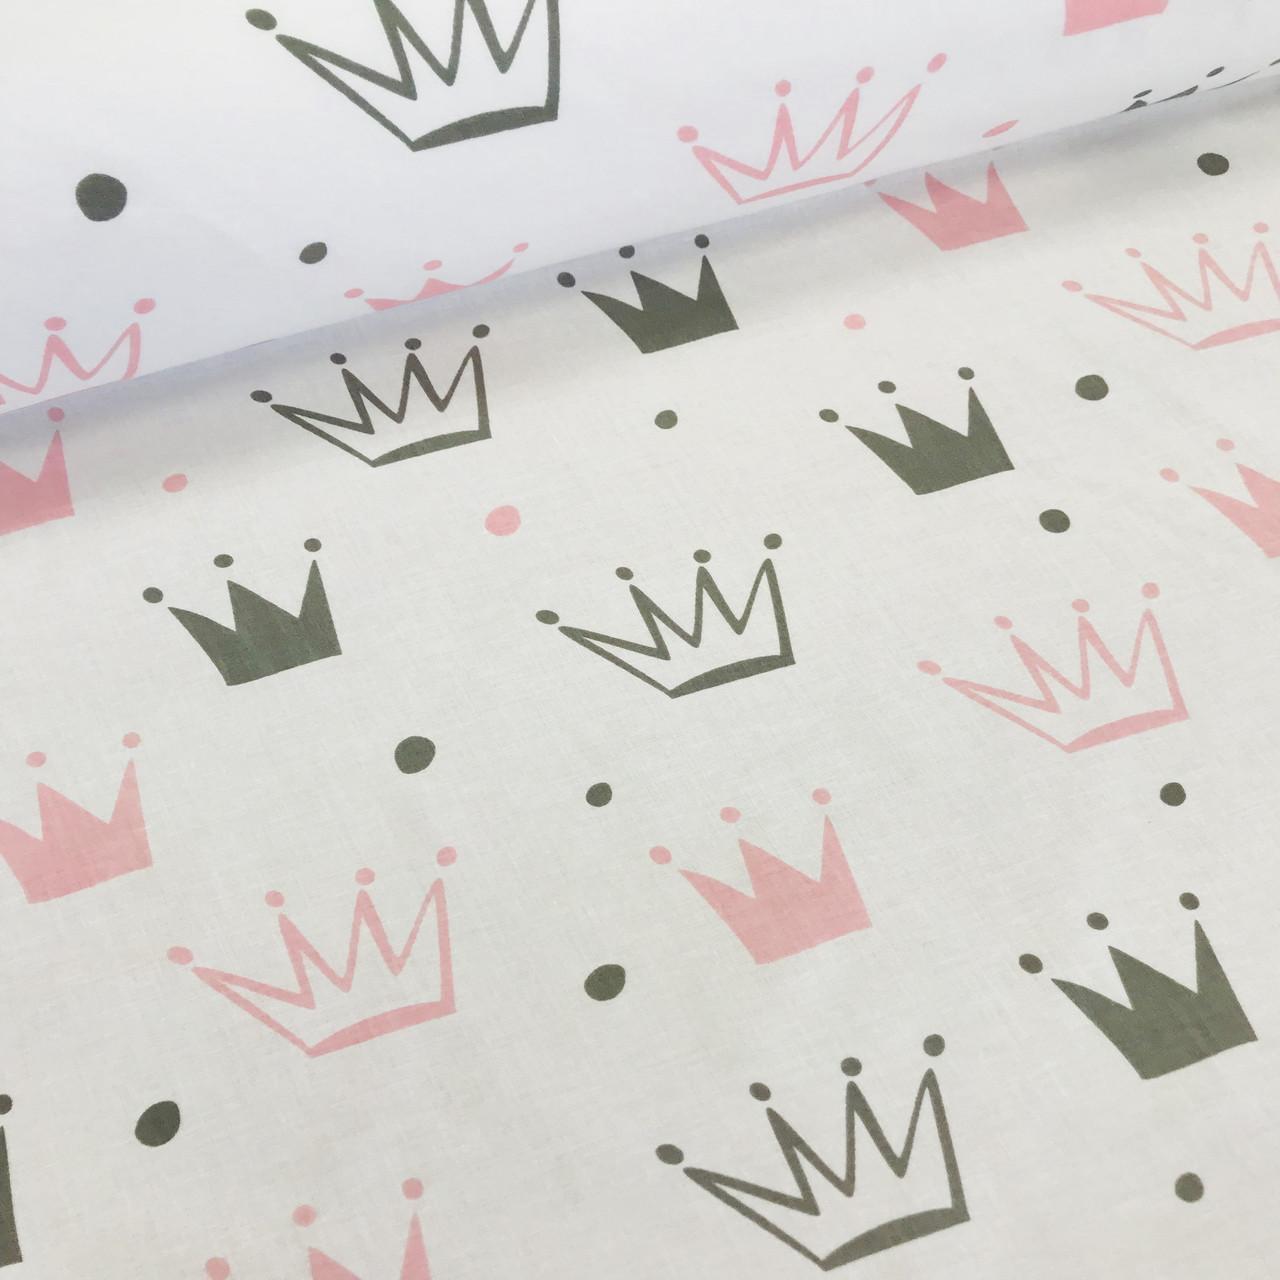 Хлопковая ткань бязь польская серые и розовые короны разного размера на белом